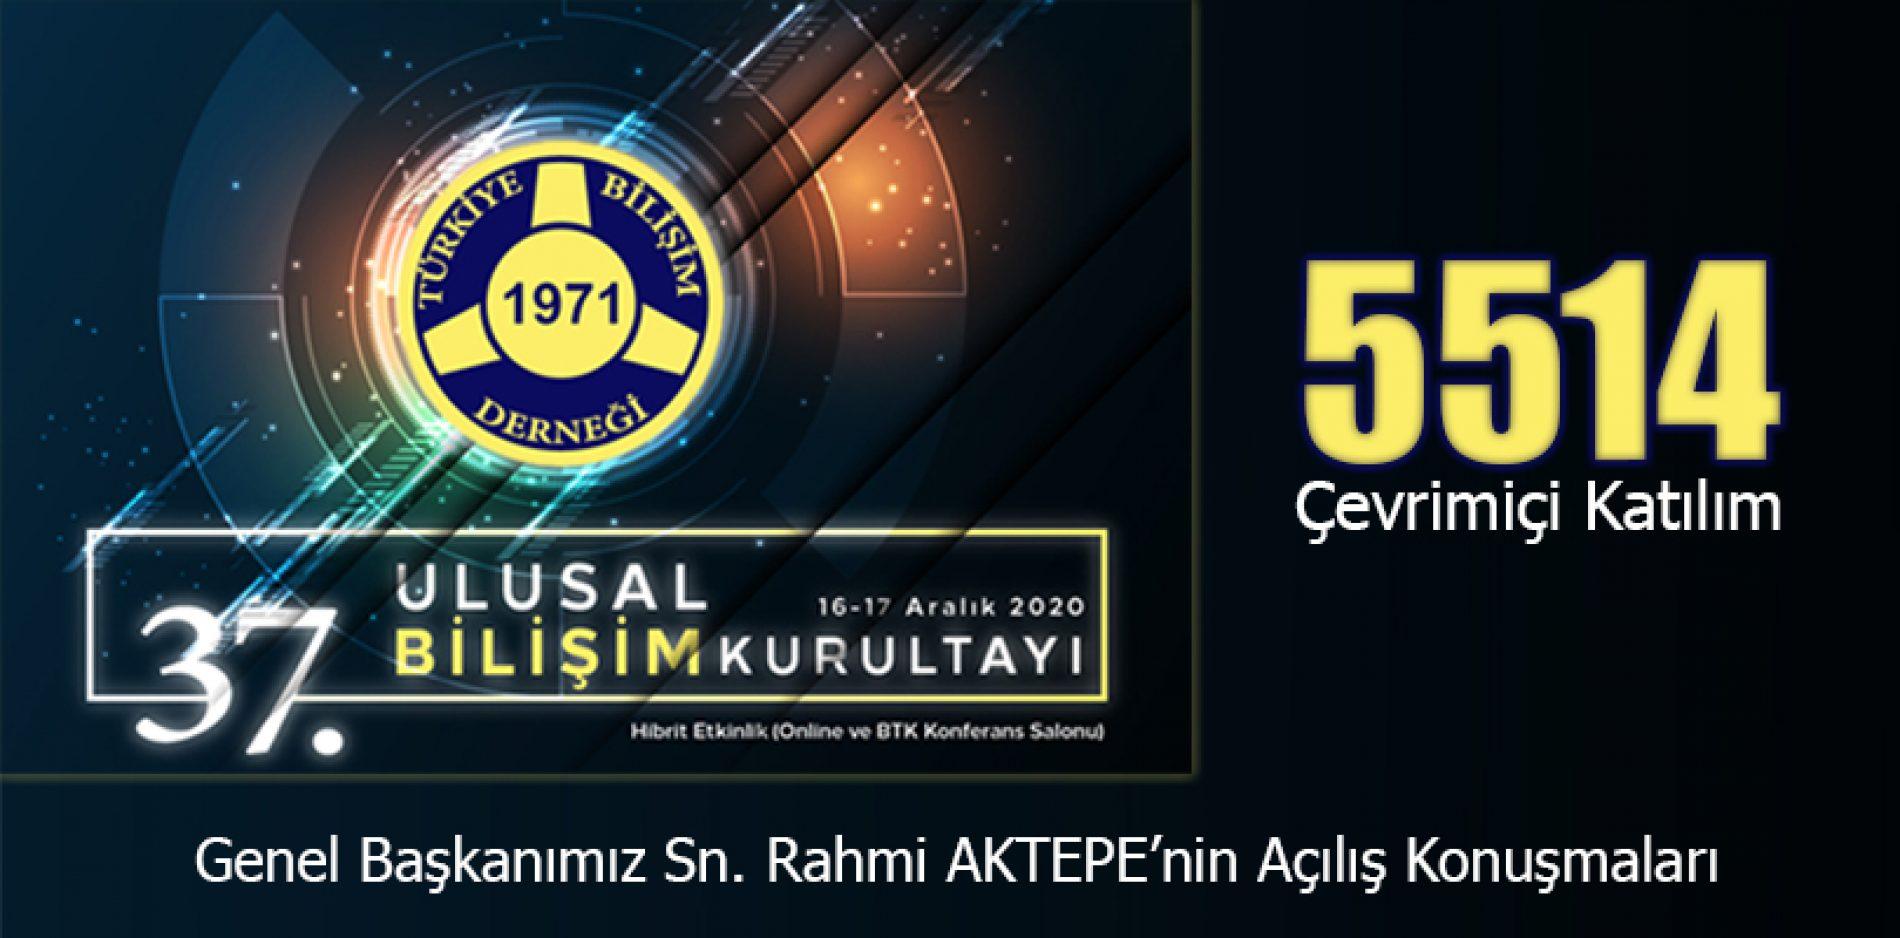 Genel Başkanımız Sn. Rahmi AKTEPE'nin TBD 37. Ulusal Bilişim Kurultayı Açılış Konuşmaları